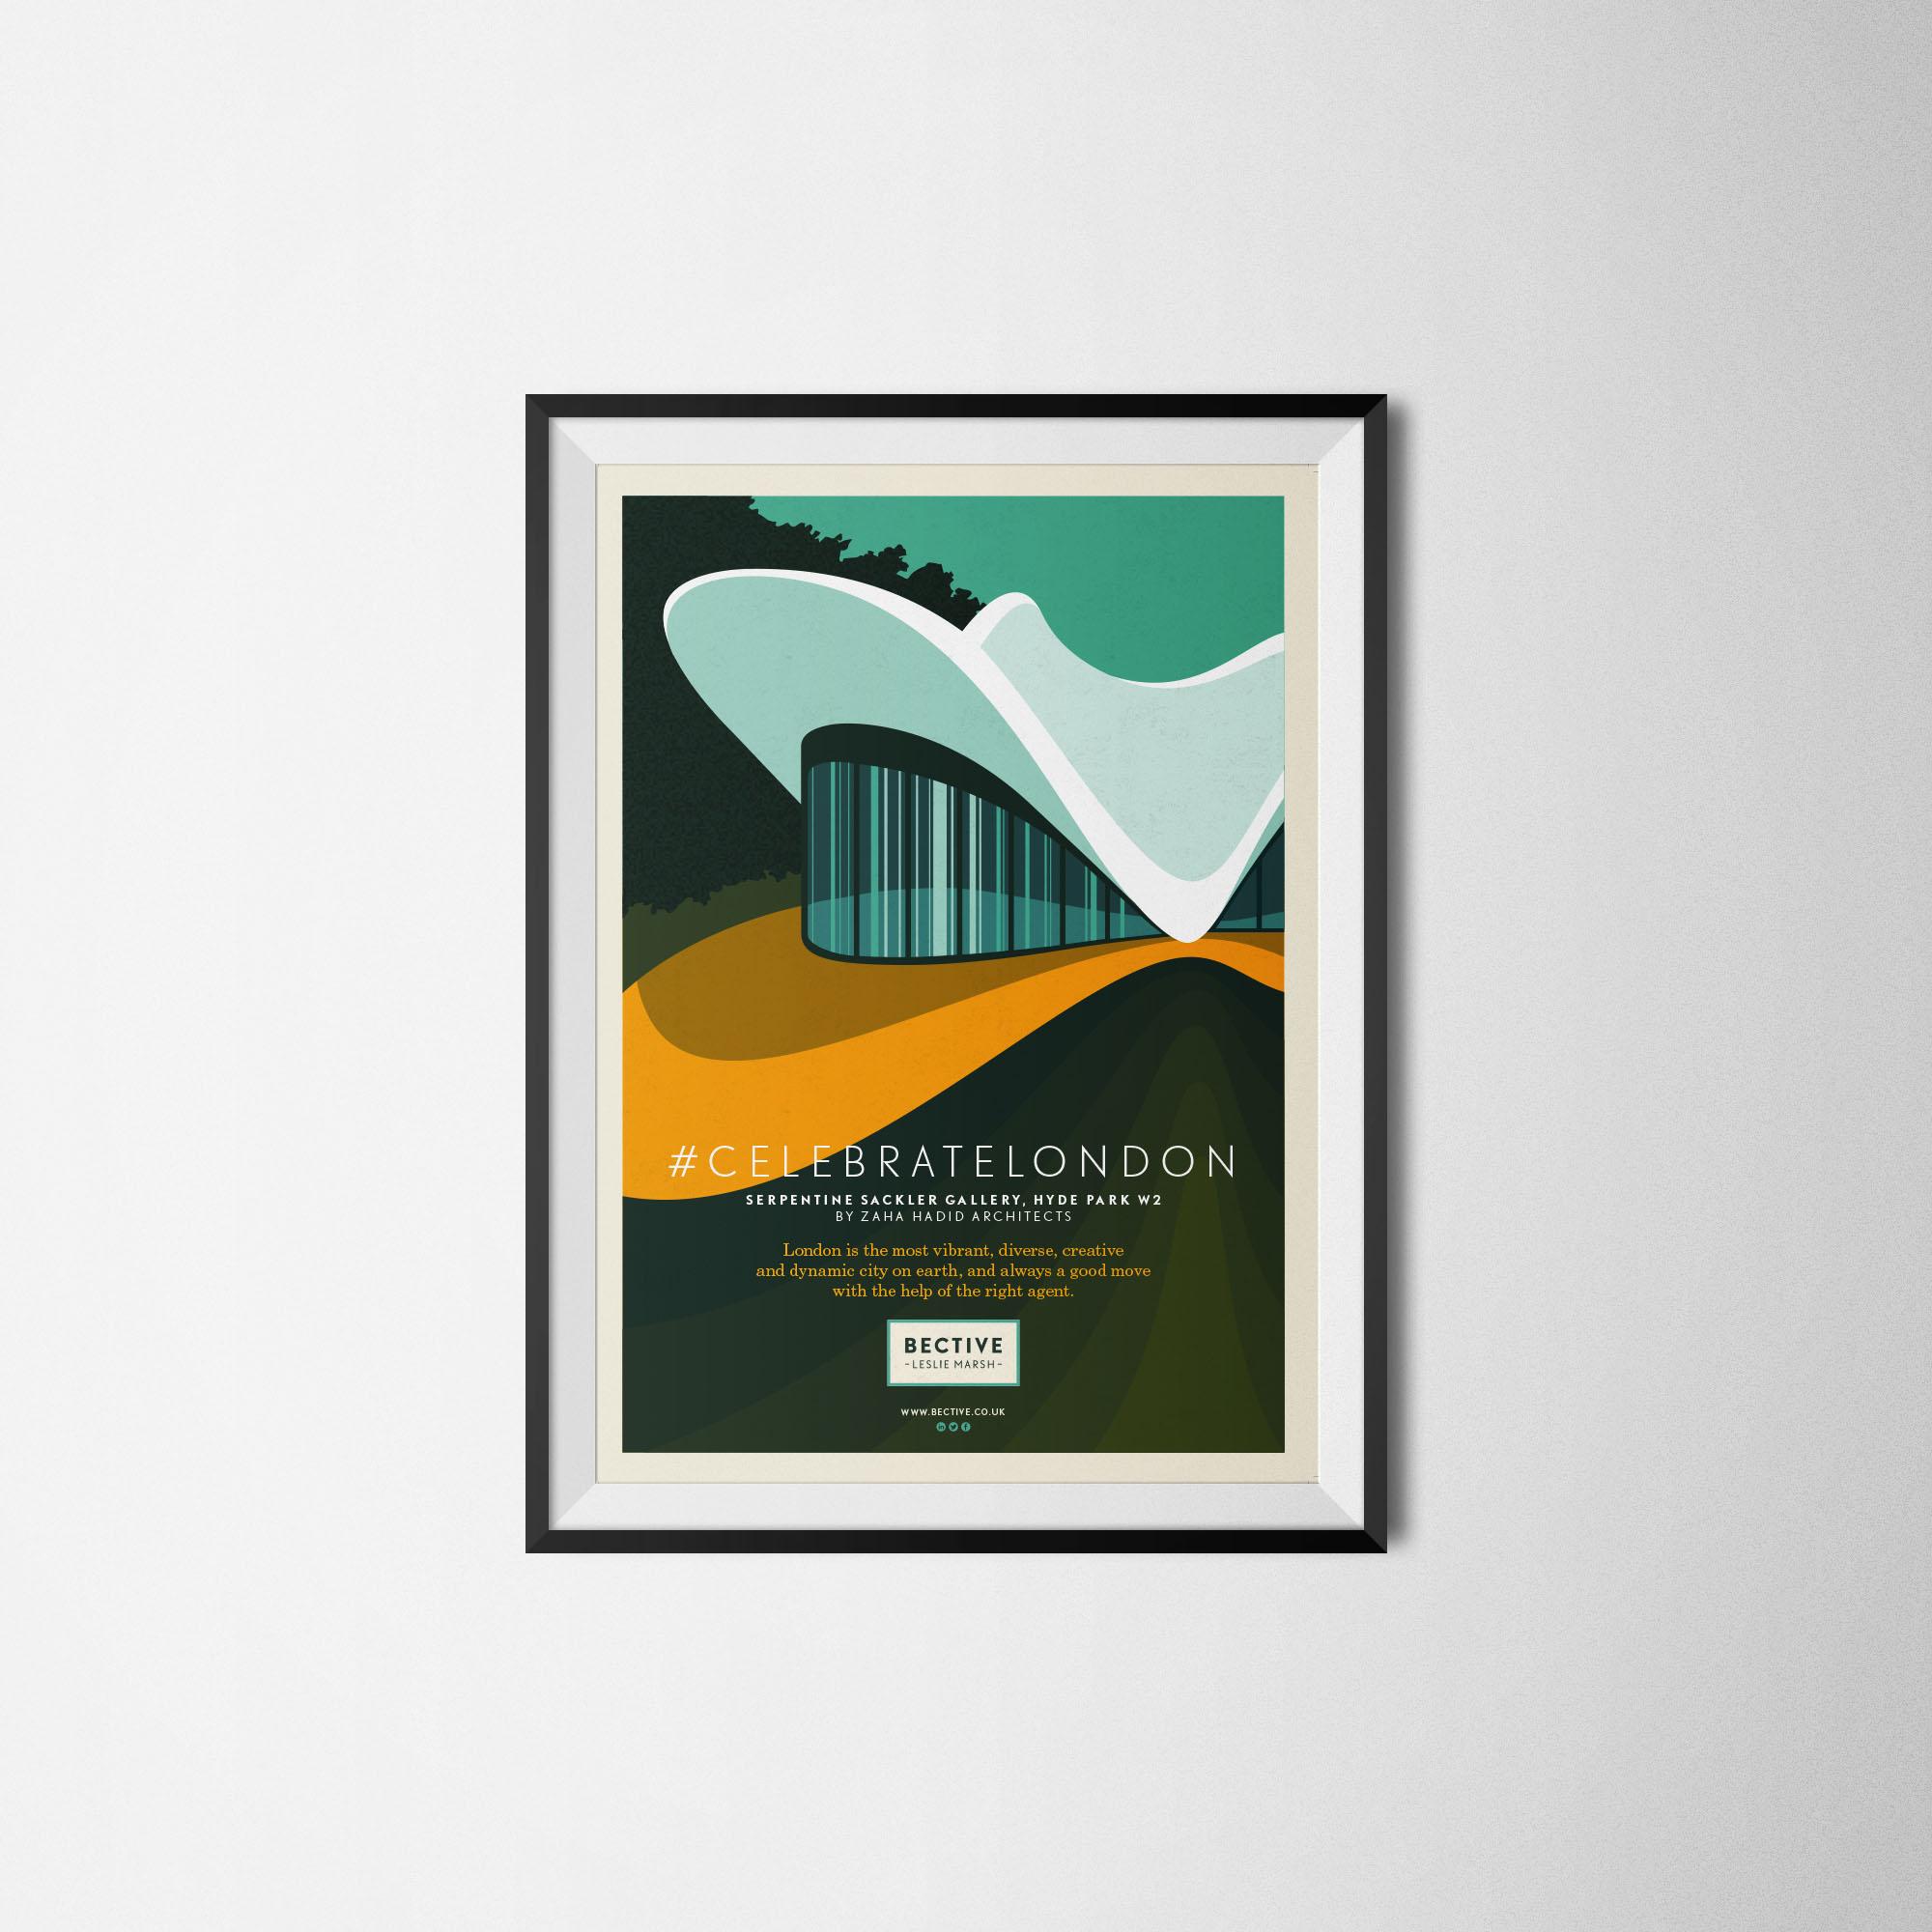 Bective framed illustration